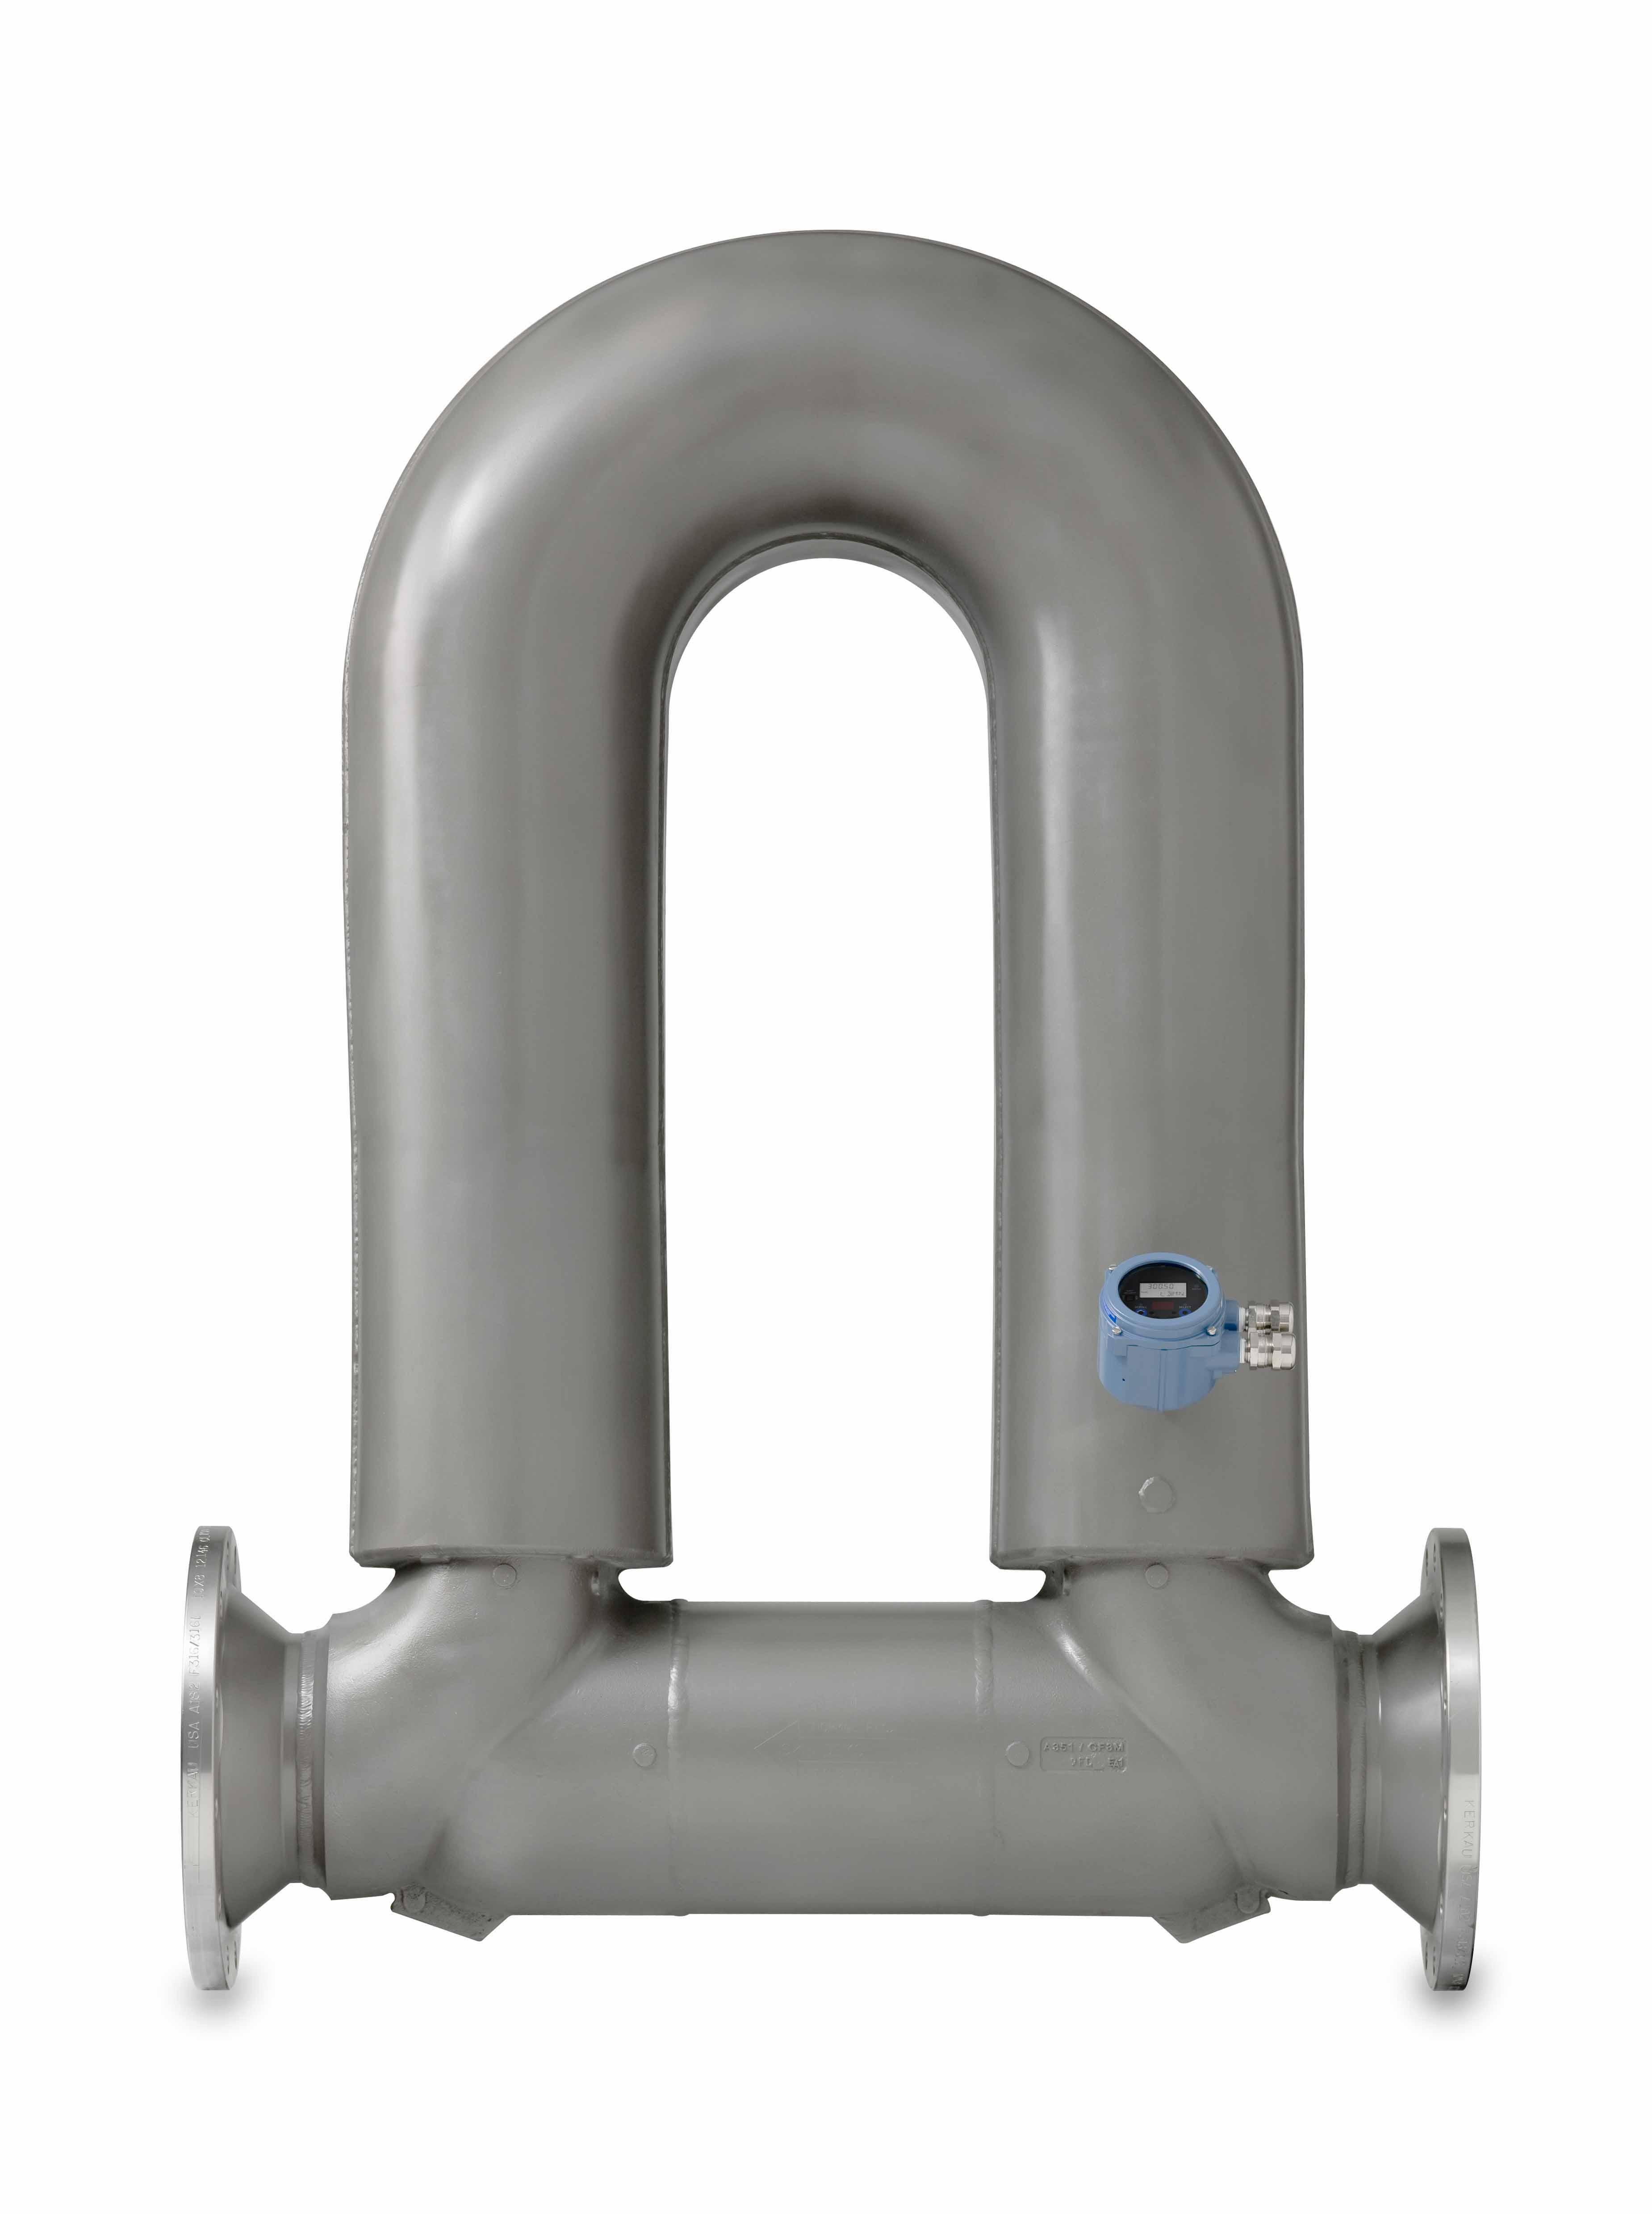 Emerson introduces largest ever ELITE® Coriolis flowmeter